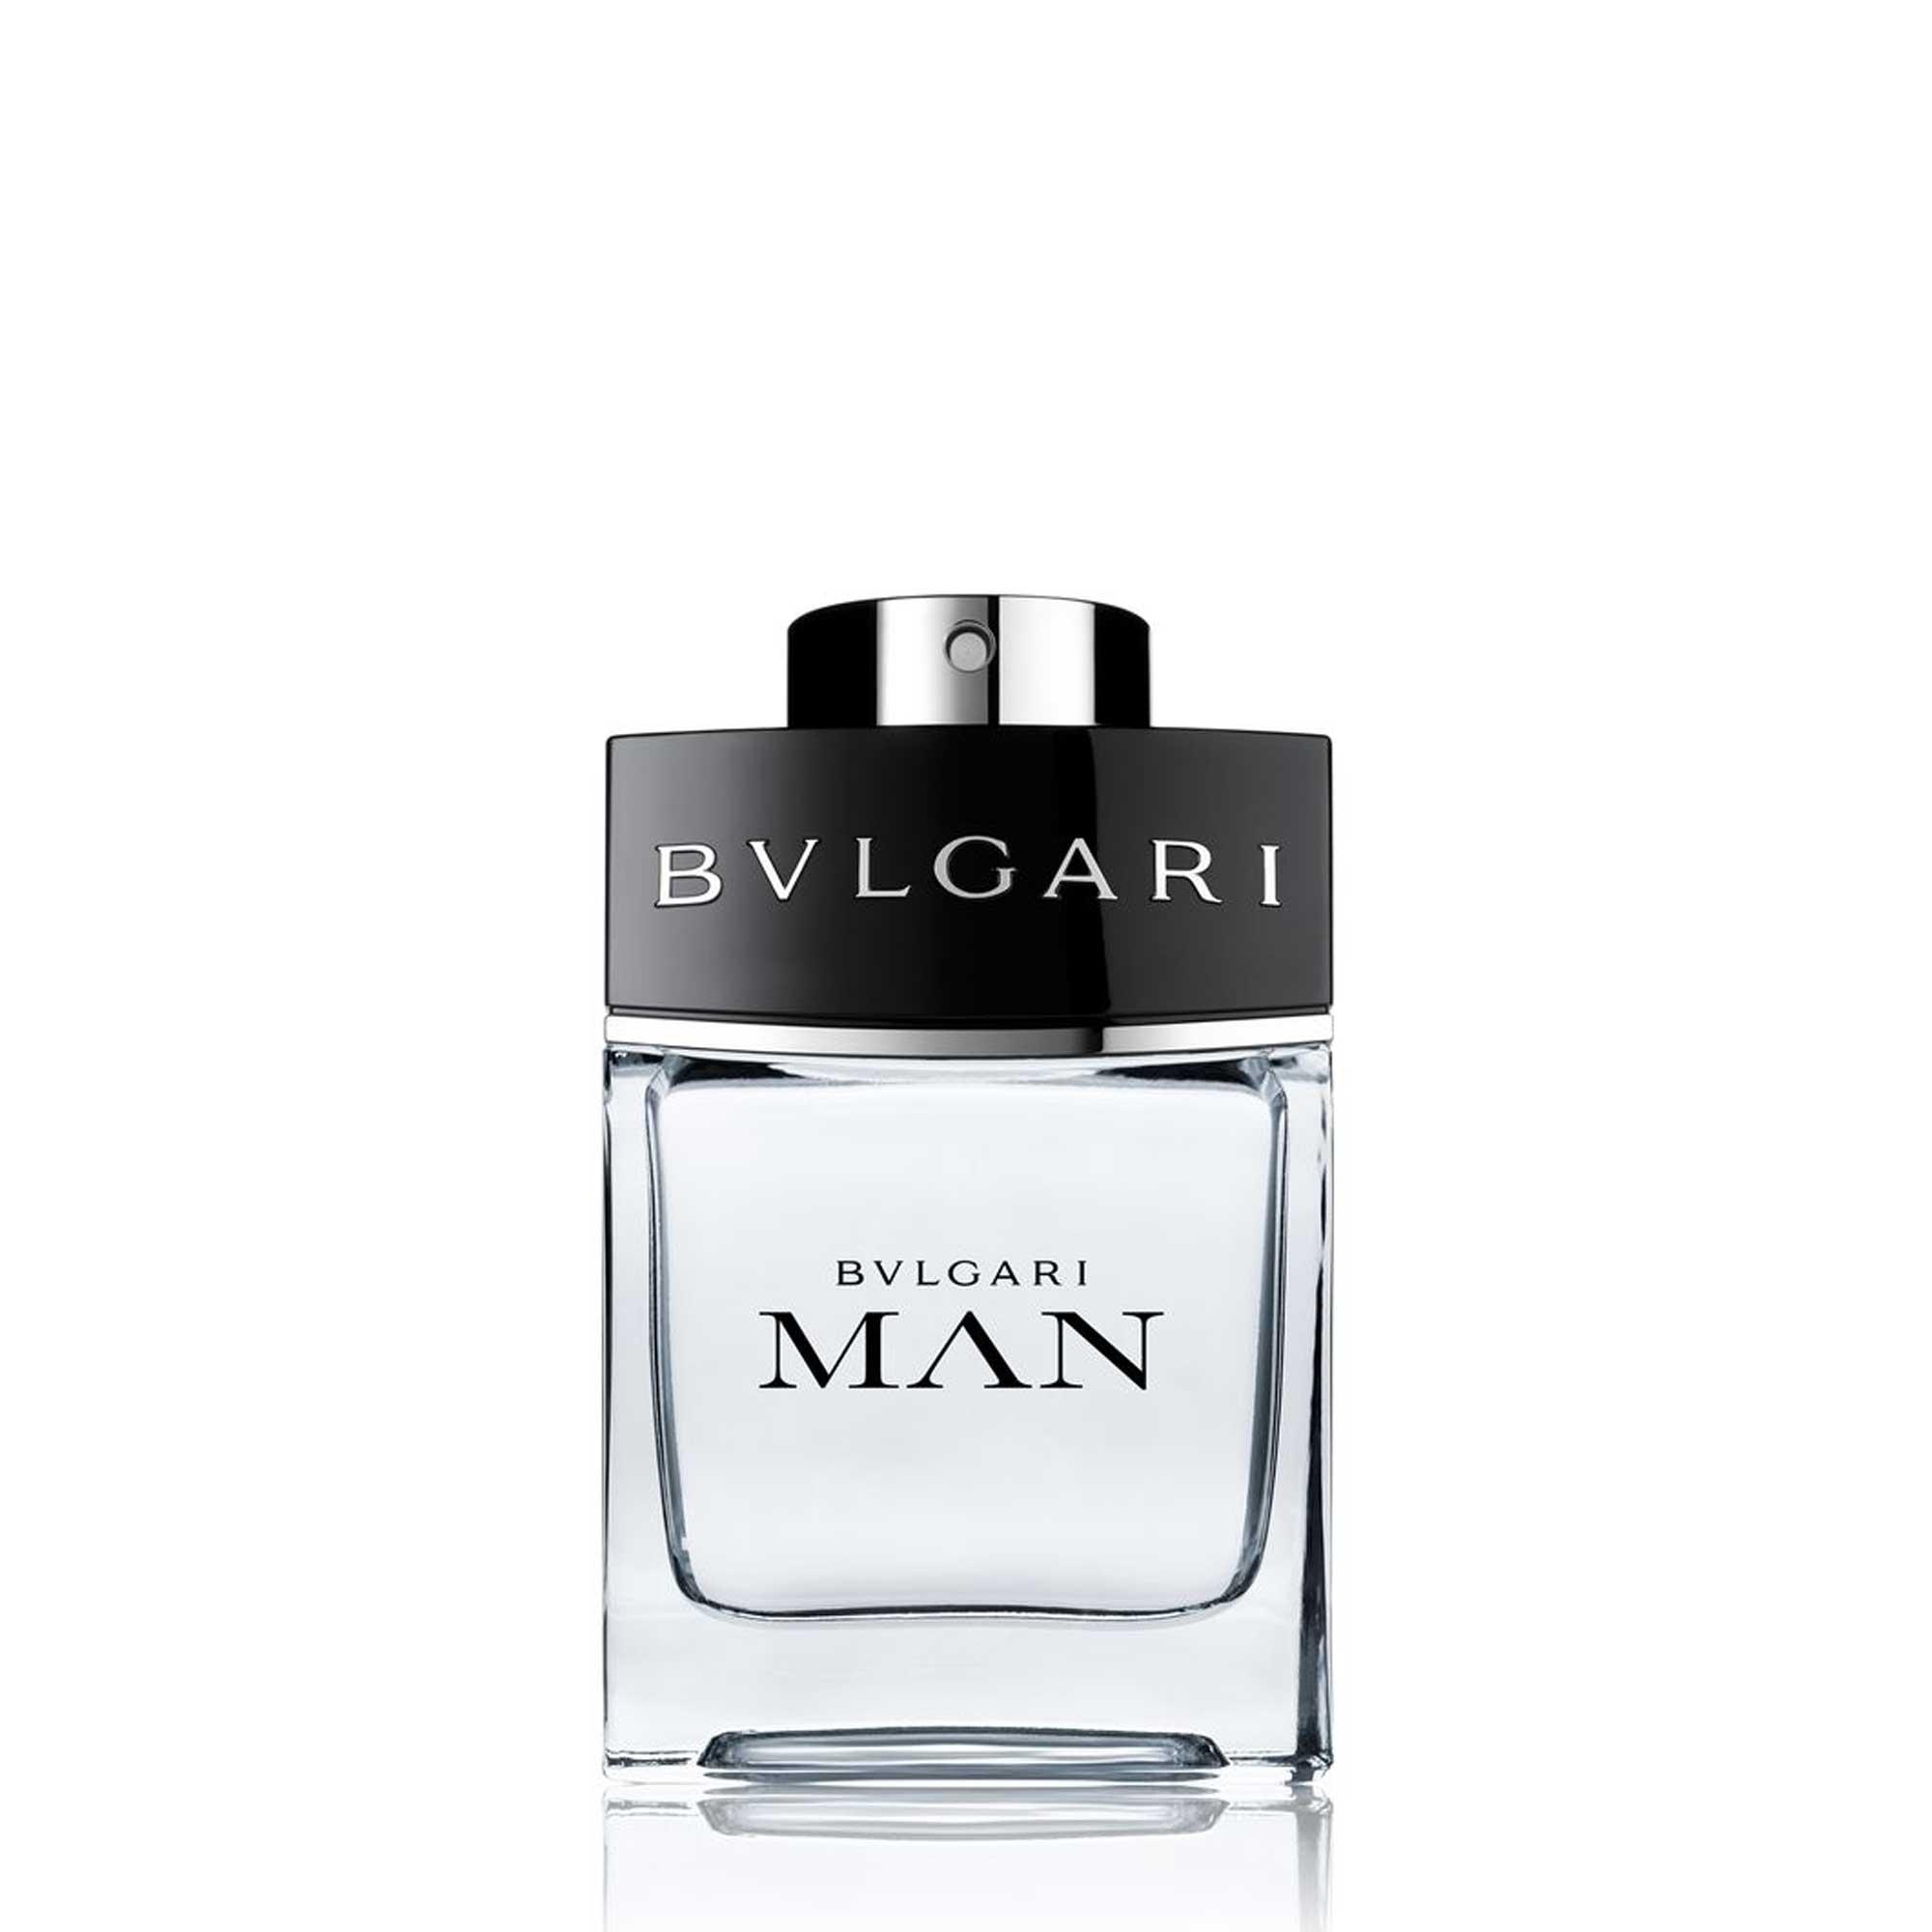 Bvlgari Man - Bulgari